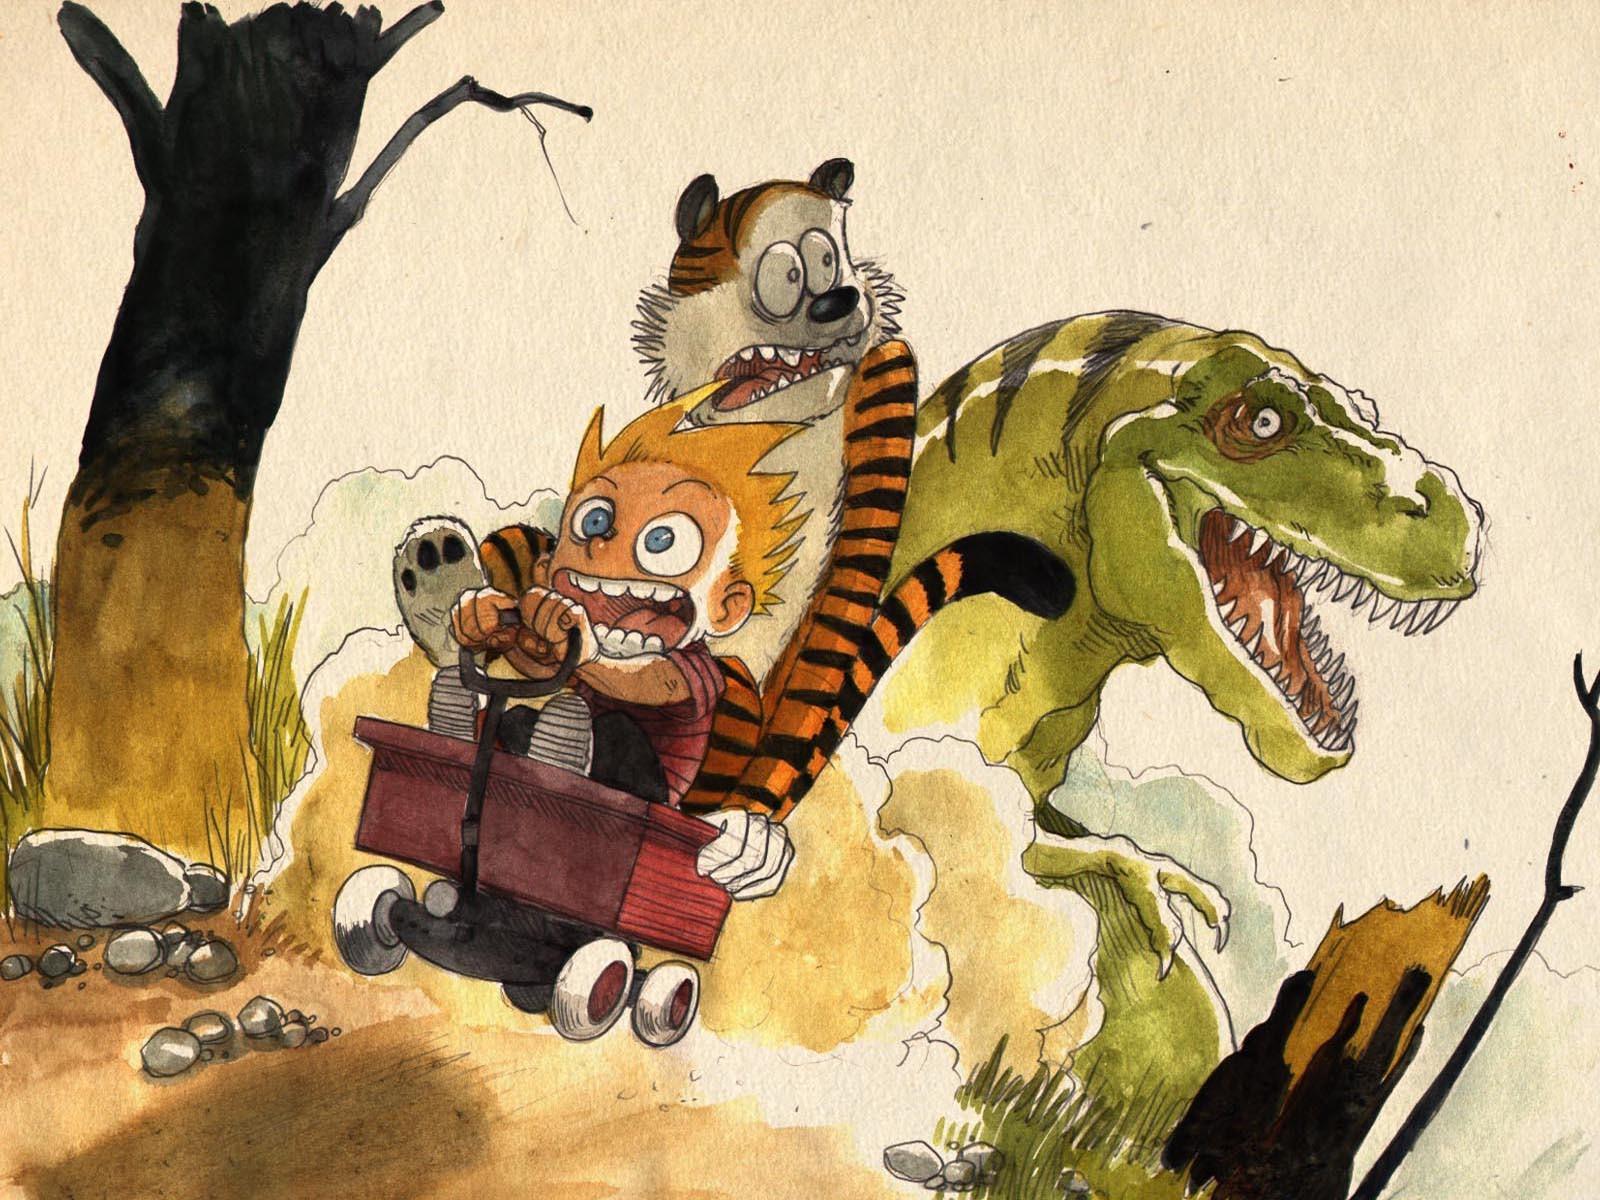 General 1600x1200 Tyrannosaurus rex comics Bill Watterson